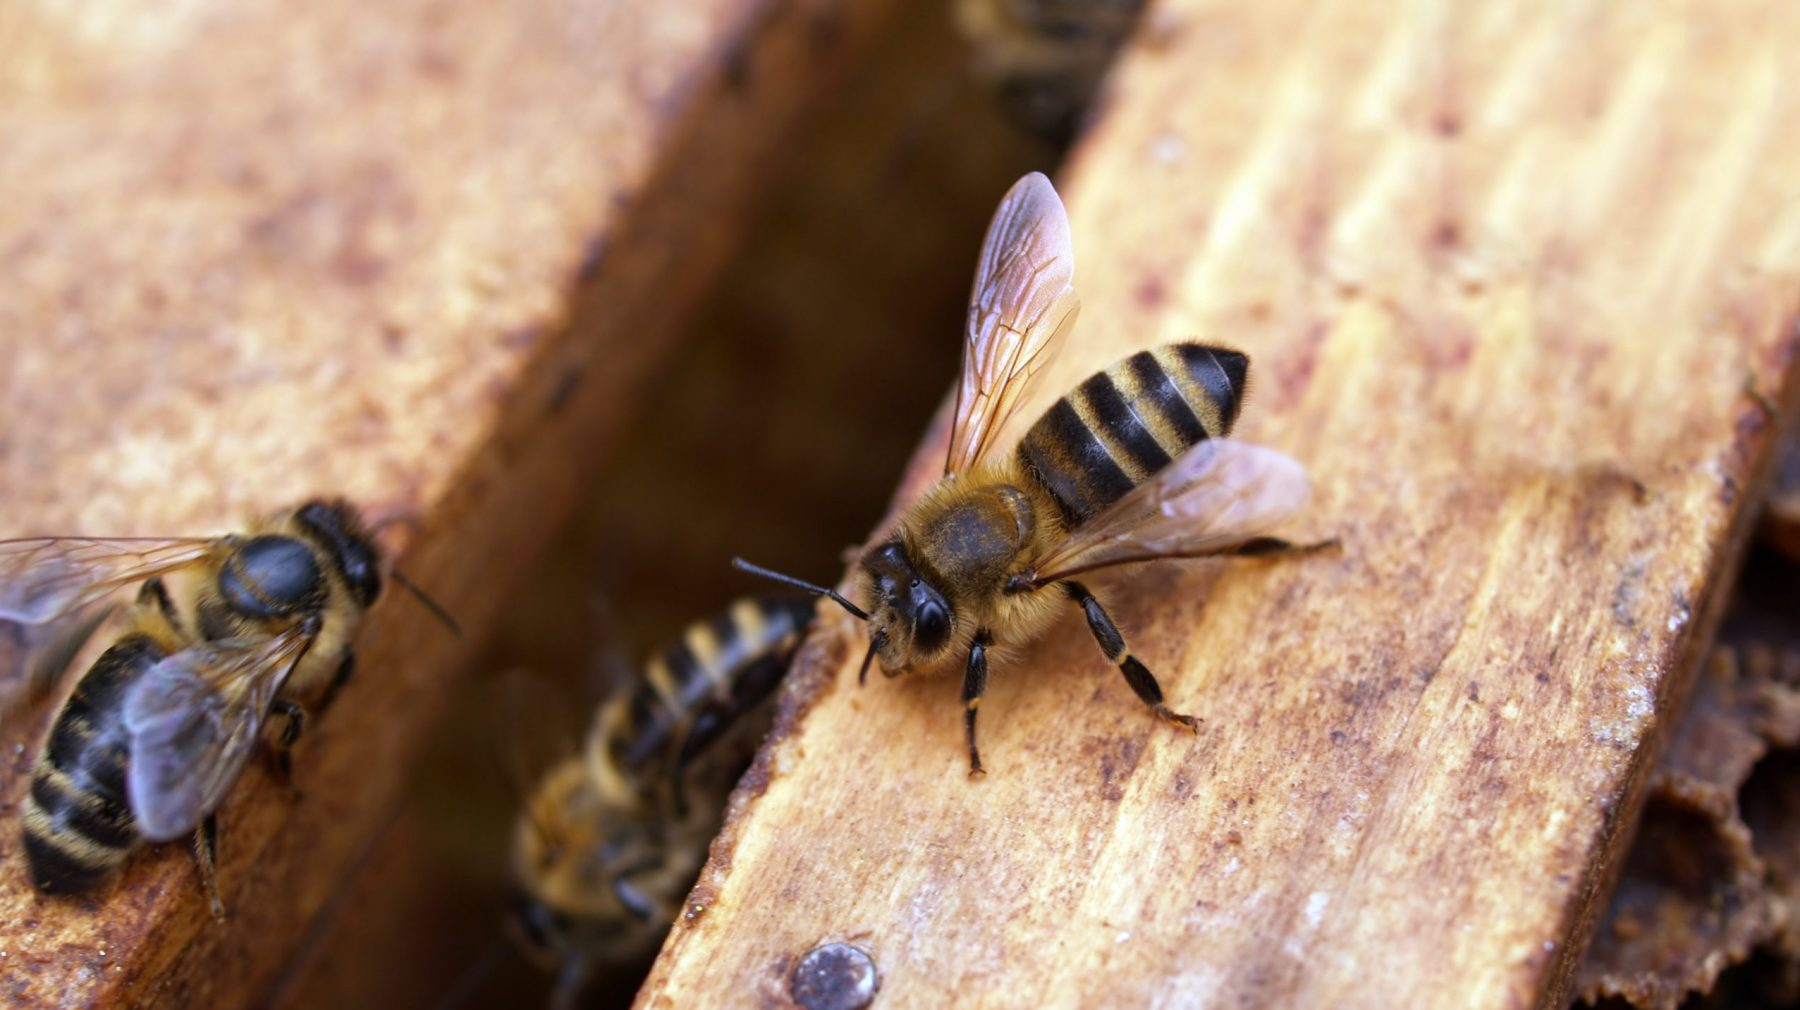 Hoe je zonder allergie kunt overlijden aan een wespenaanval